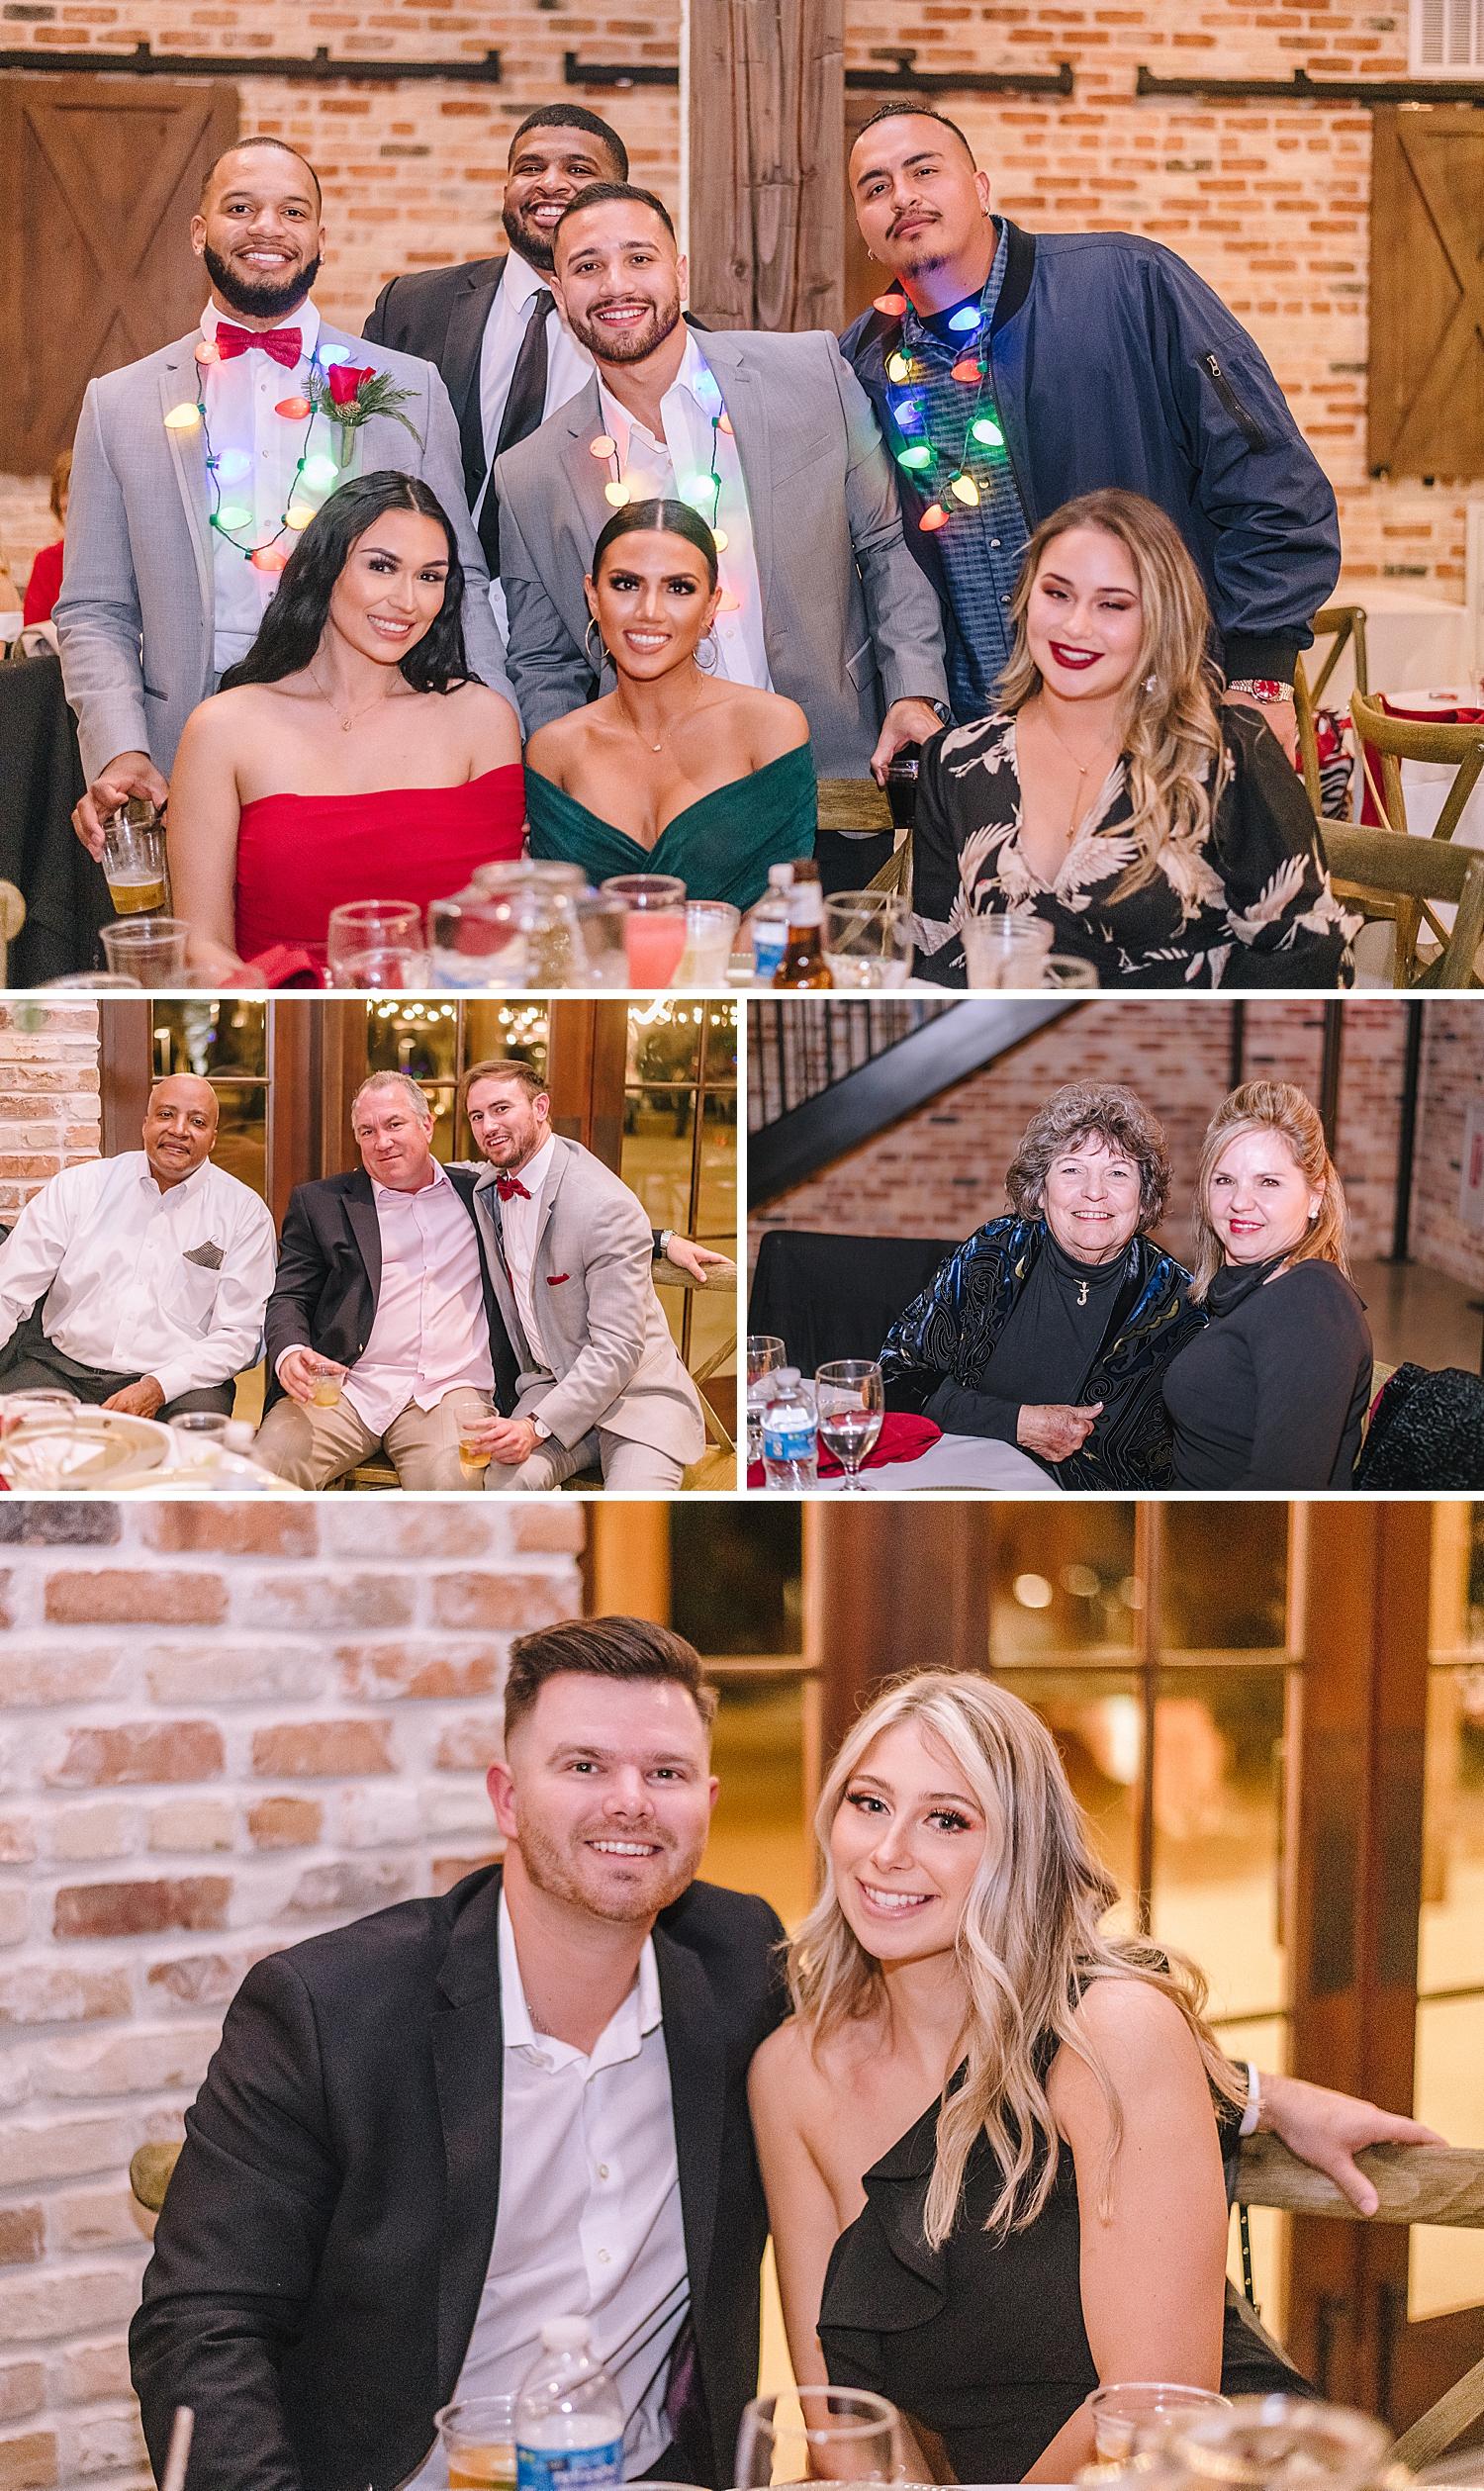 College-Station-Aggie-Wedding-The-Weinberg-at-Wixon-Valley-Christmas-Hallmark-Wedding_0093.jpg